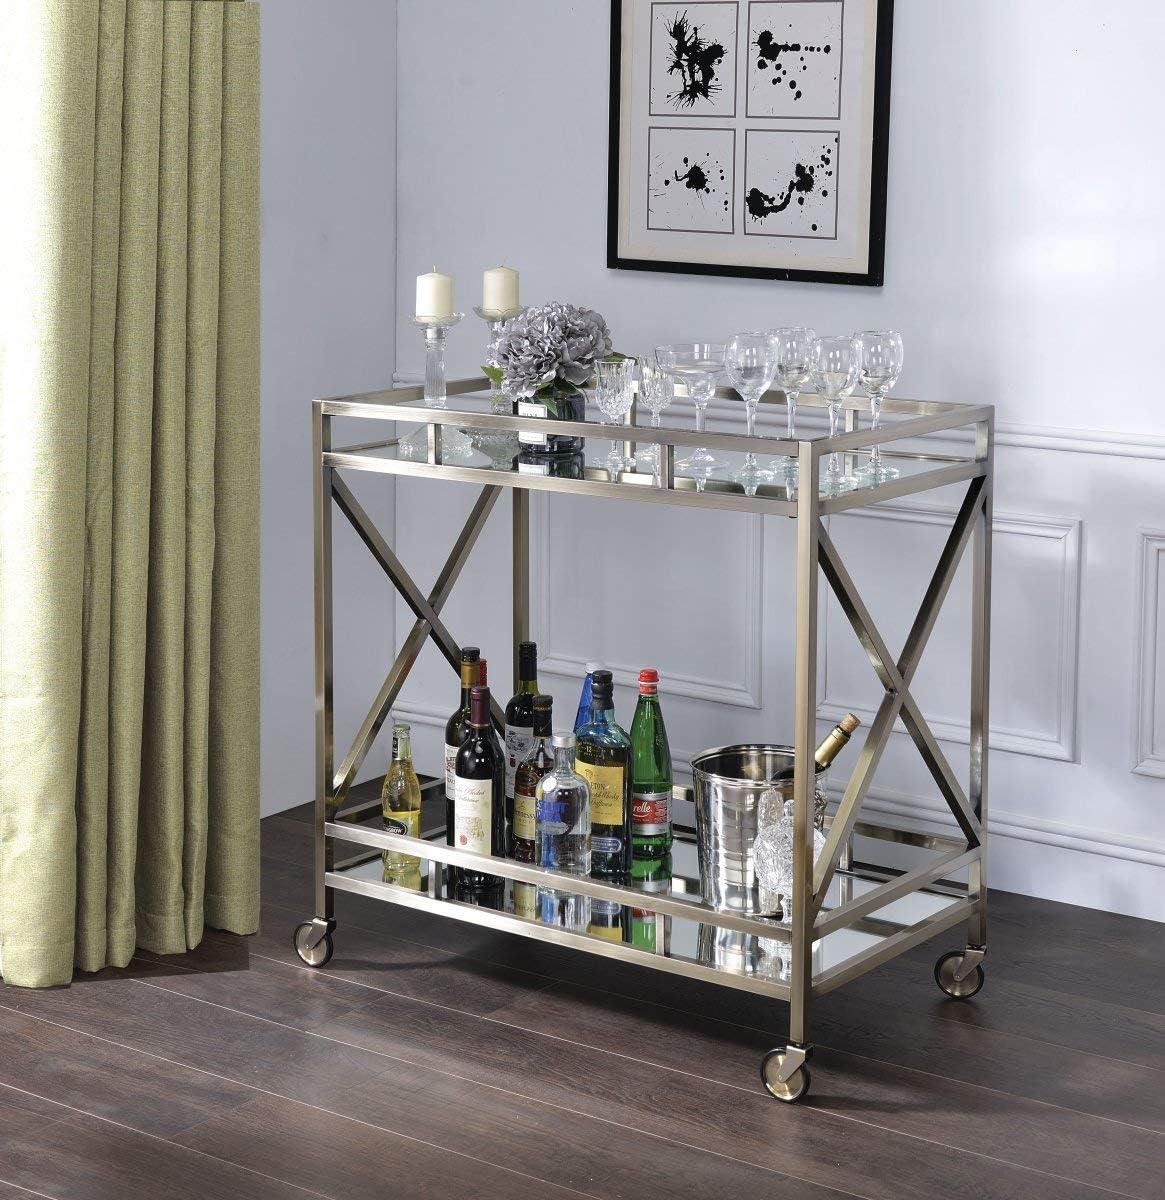 ACME Furniture Kristensen cart, Antique Gold Mirror